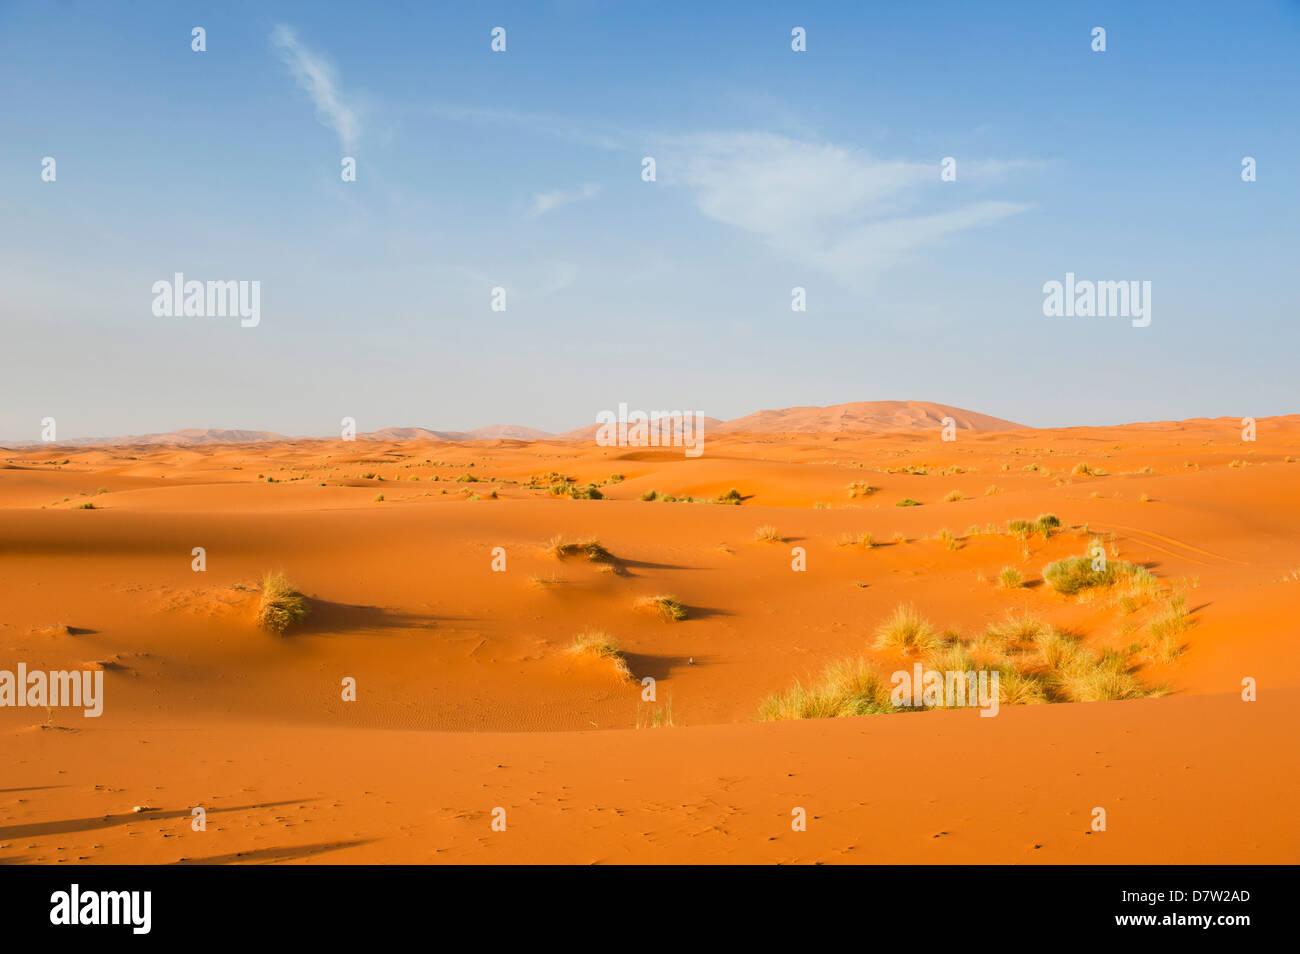 Paysage de dunes de sable au désert de l'Erg Chebbi, désert du Sahara, près de Merzouga, Maroc, Photo Stock